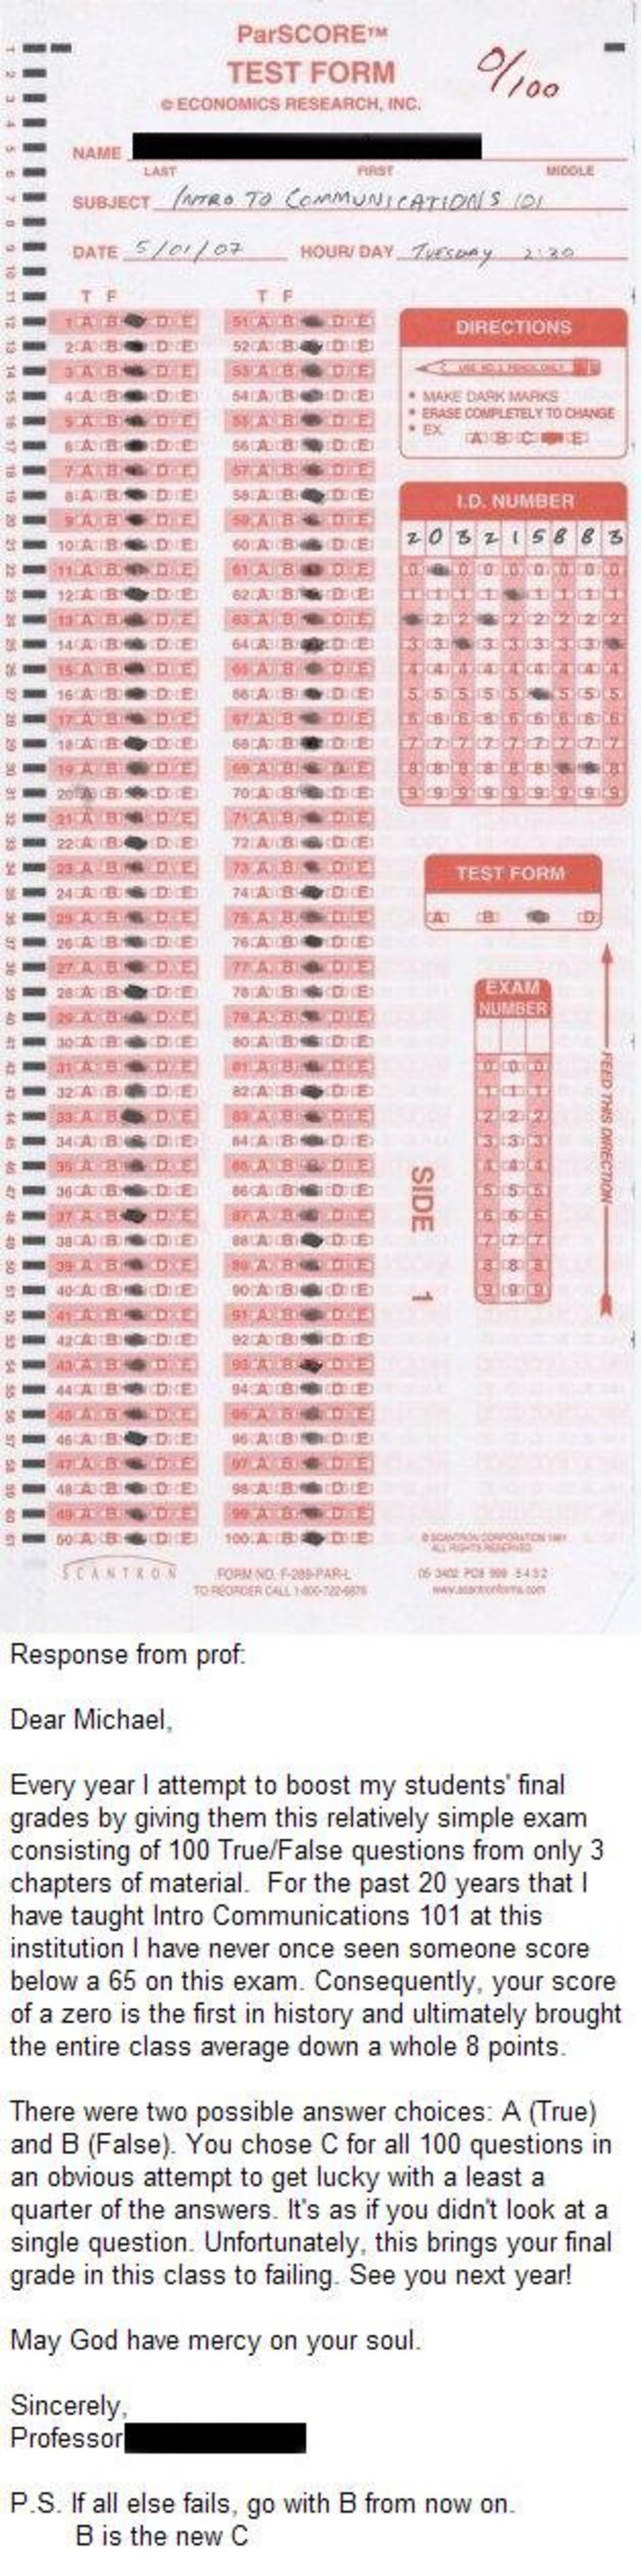 Quelqu'un qui a répondu C à toutes les 100 questions, alors qu'il n'y avait que 2 choix possibles. A ou B.